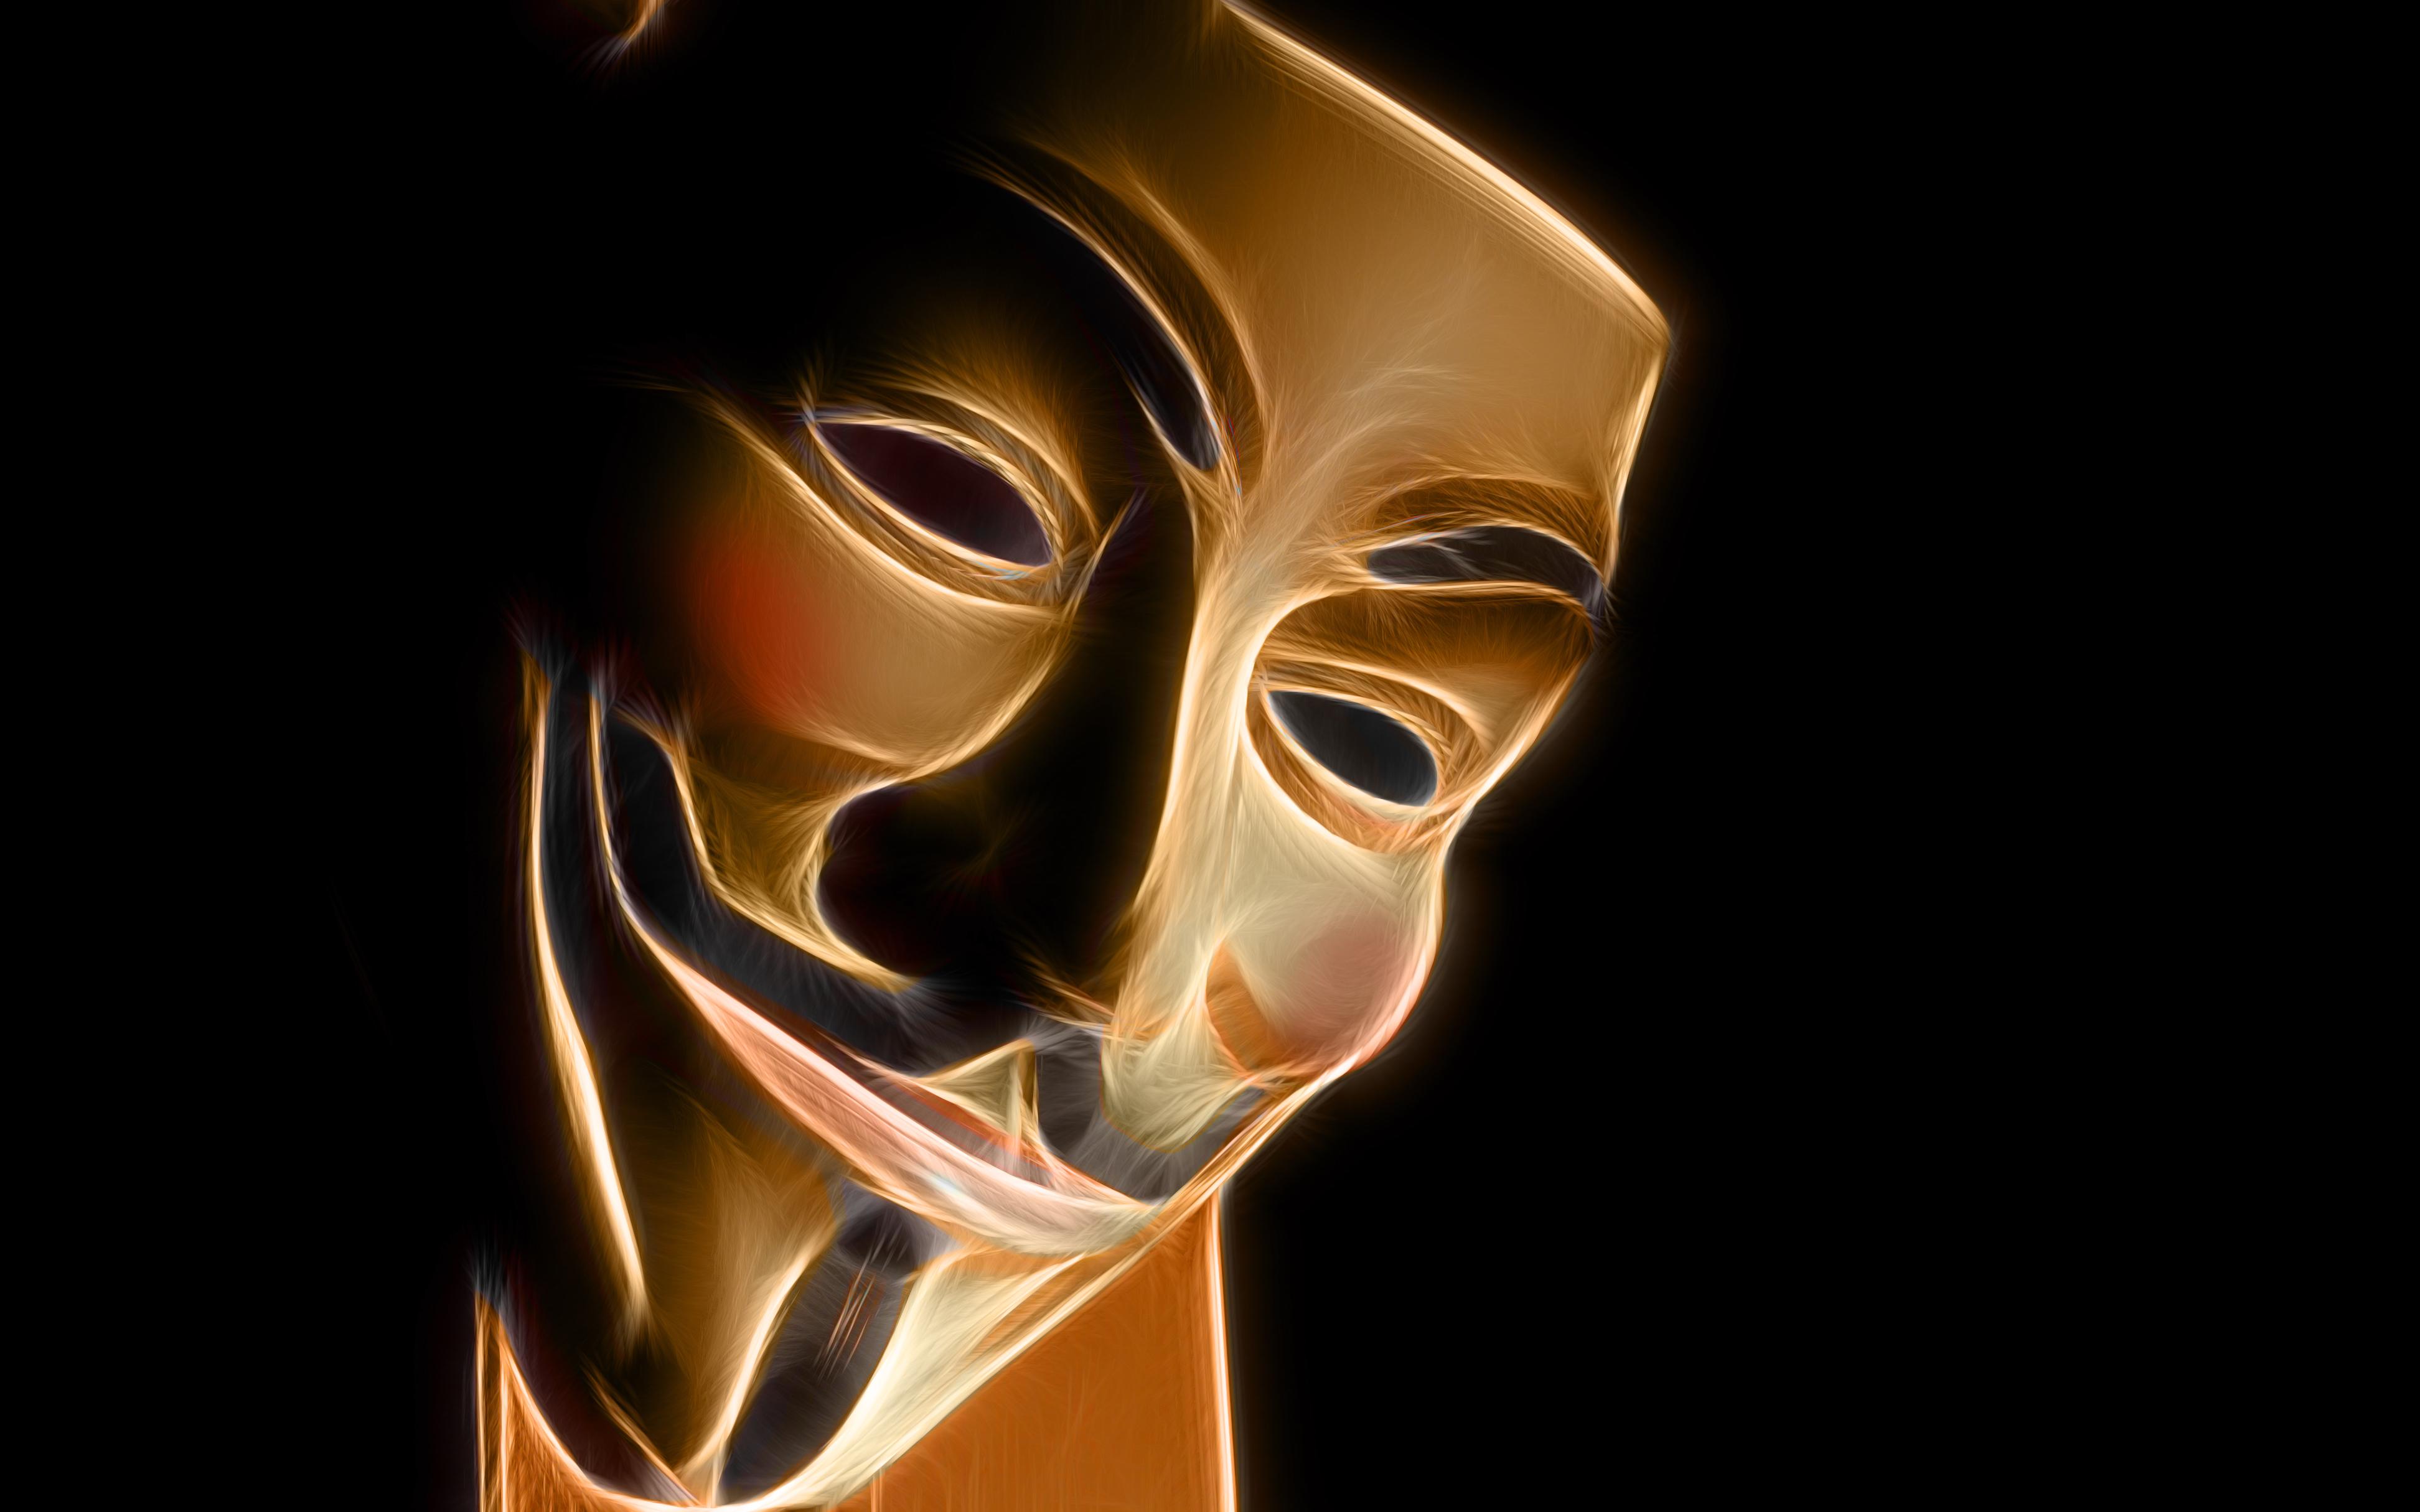 Fractalius Masks Guy Fawkes V For Vendetta